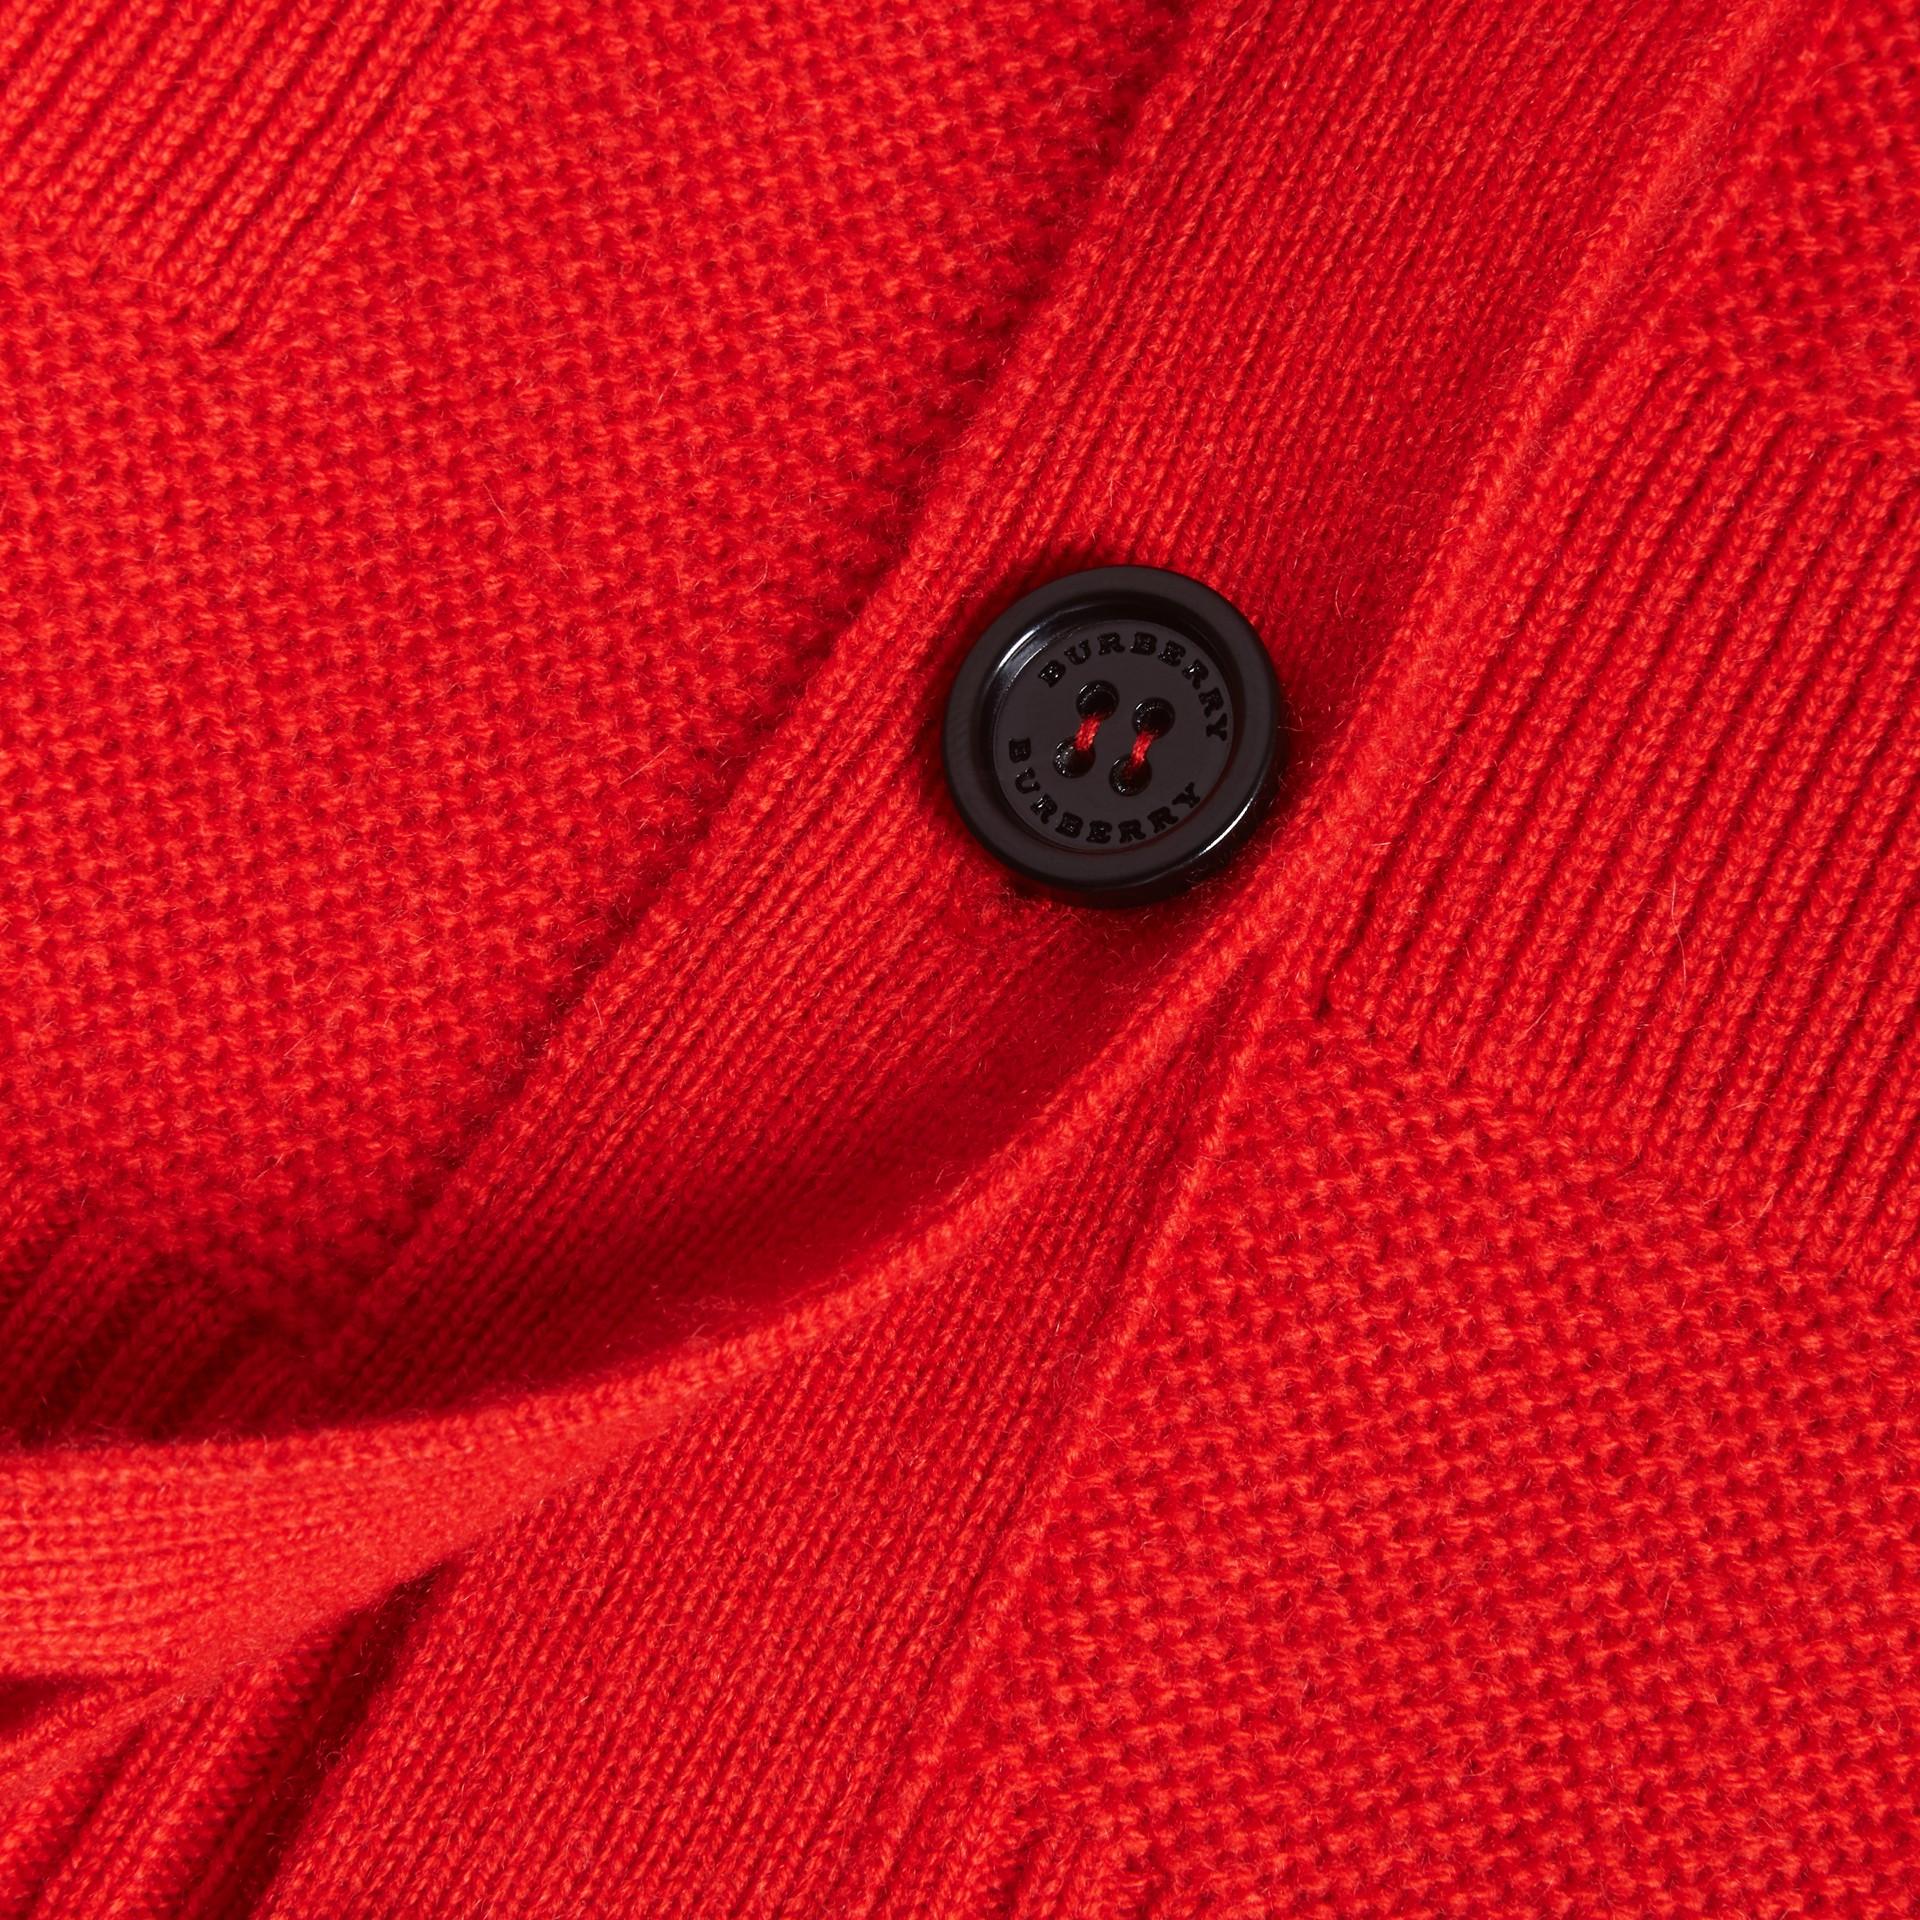 Strickcardigan aus Wolle und Kaschmir mit Check-Muster (Helles Militärrot) - Galerie-Bild 2